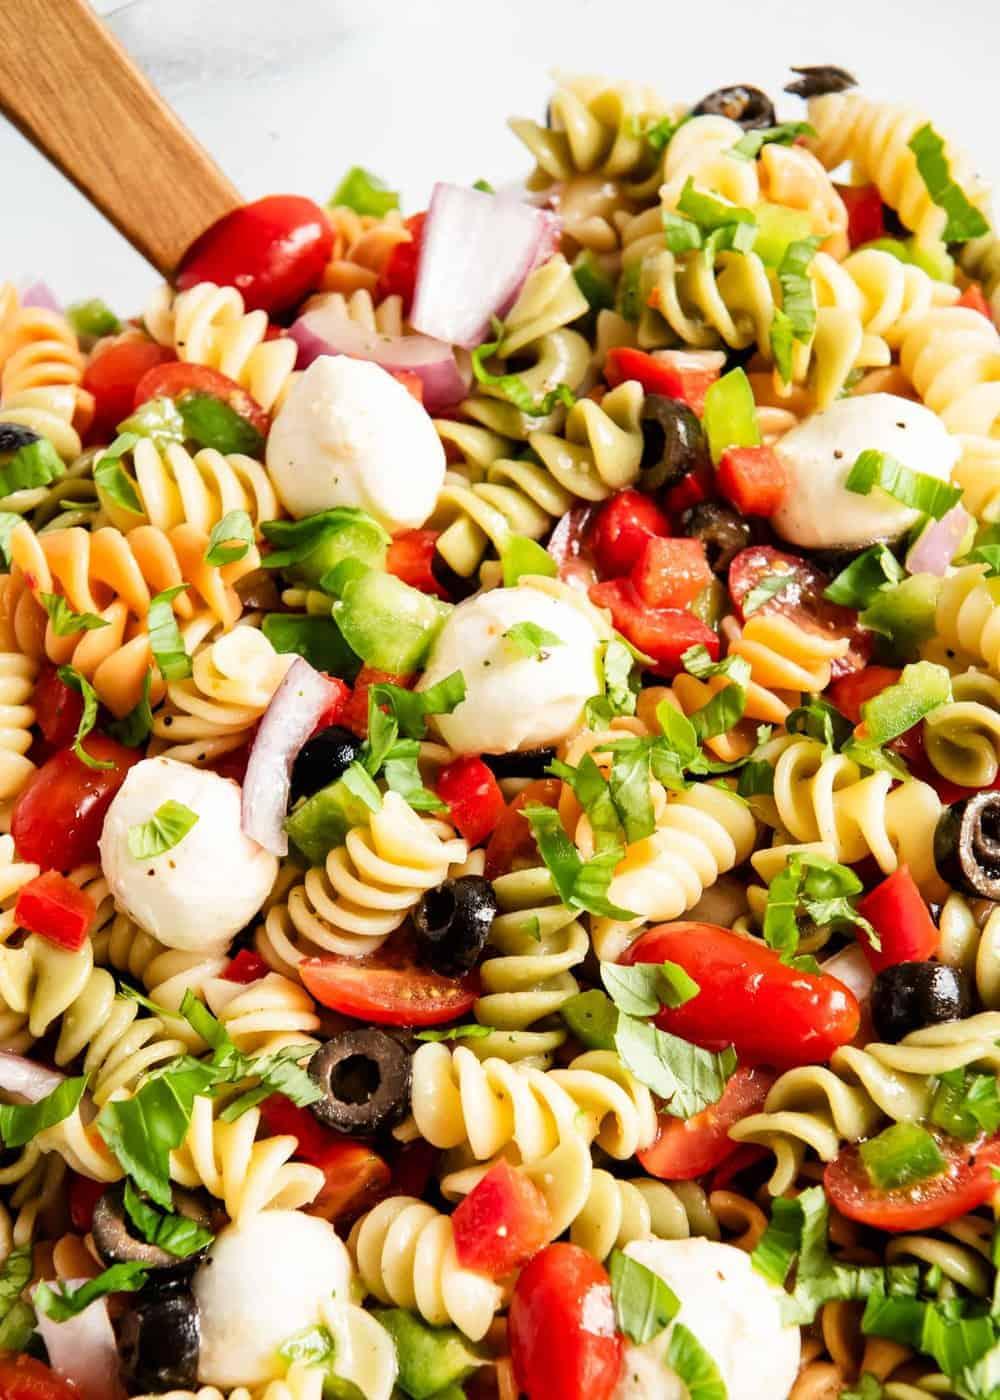 Easy Pasta Salad Recipe With Italian Dressing I Heart Naptime